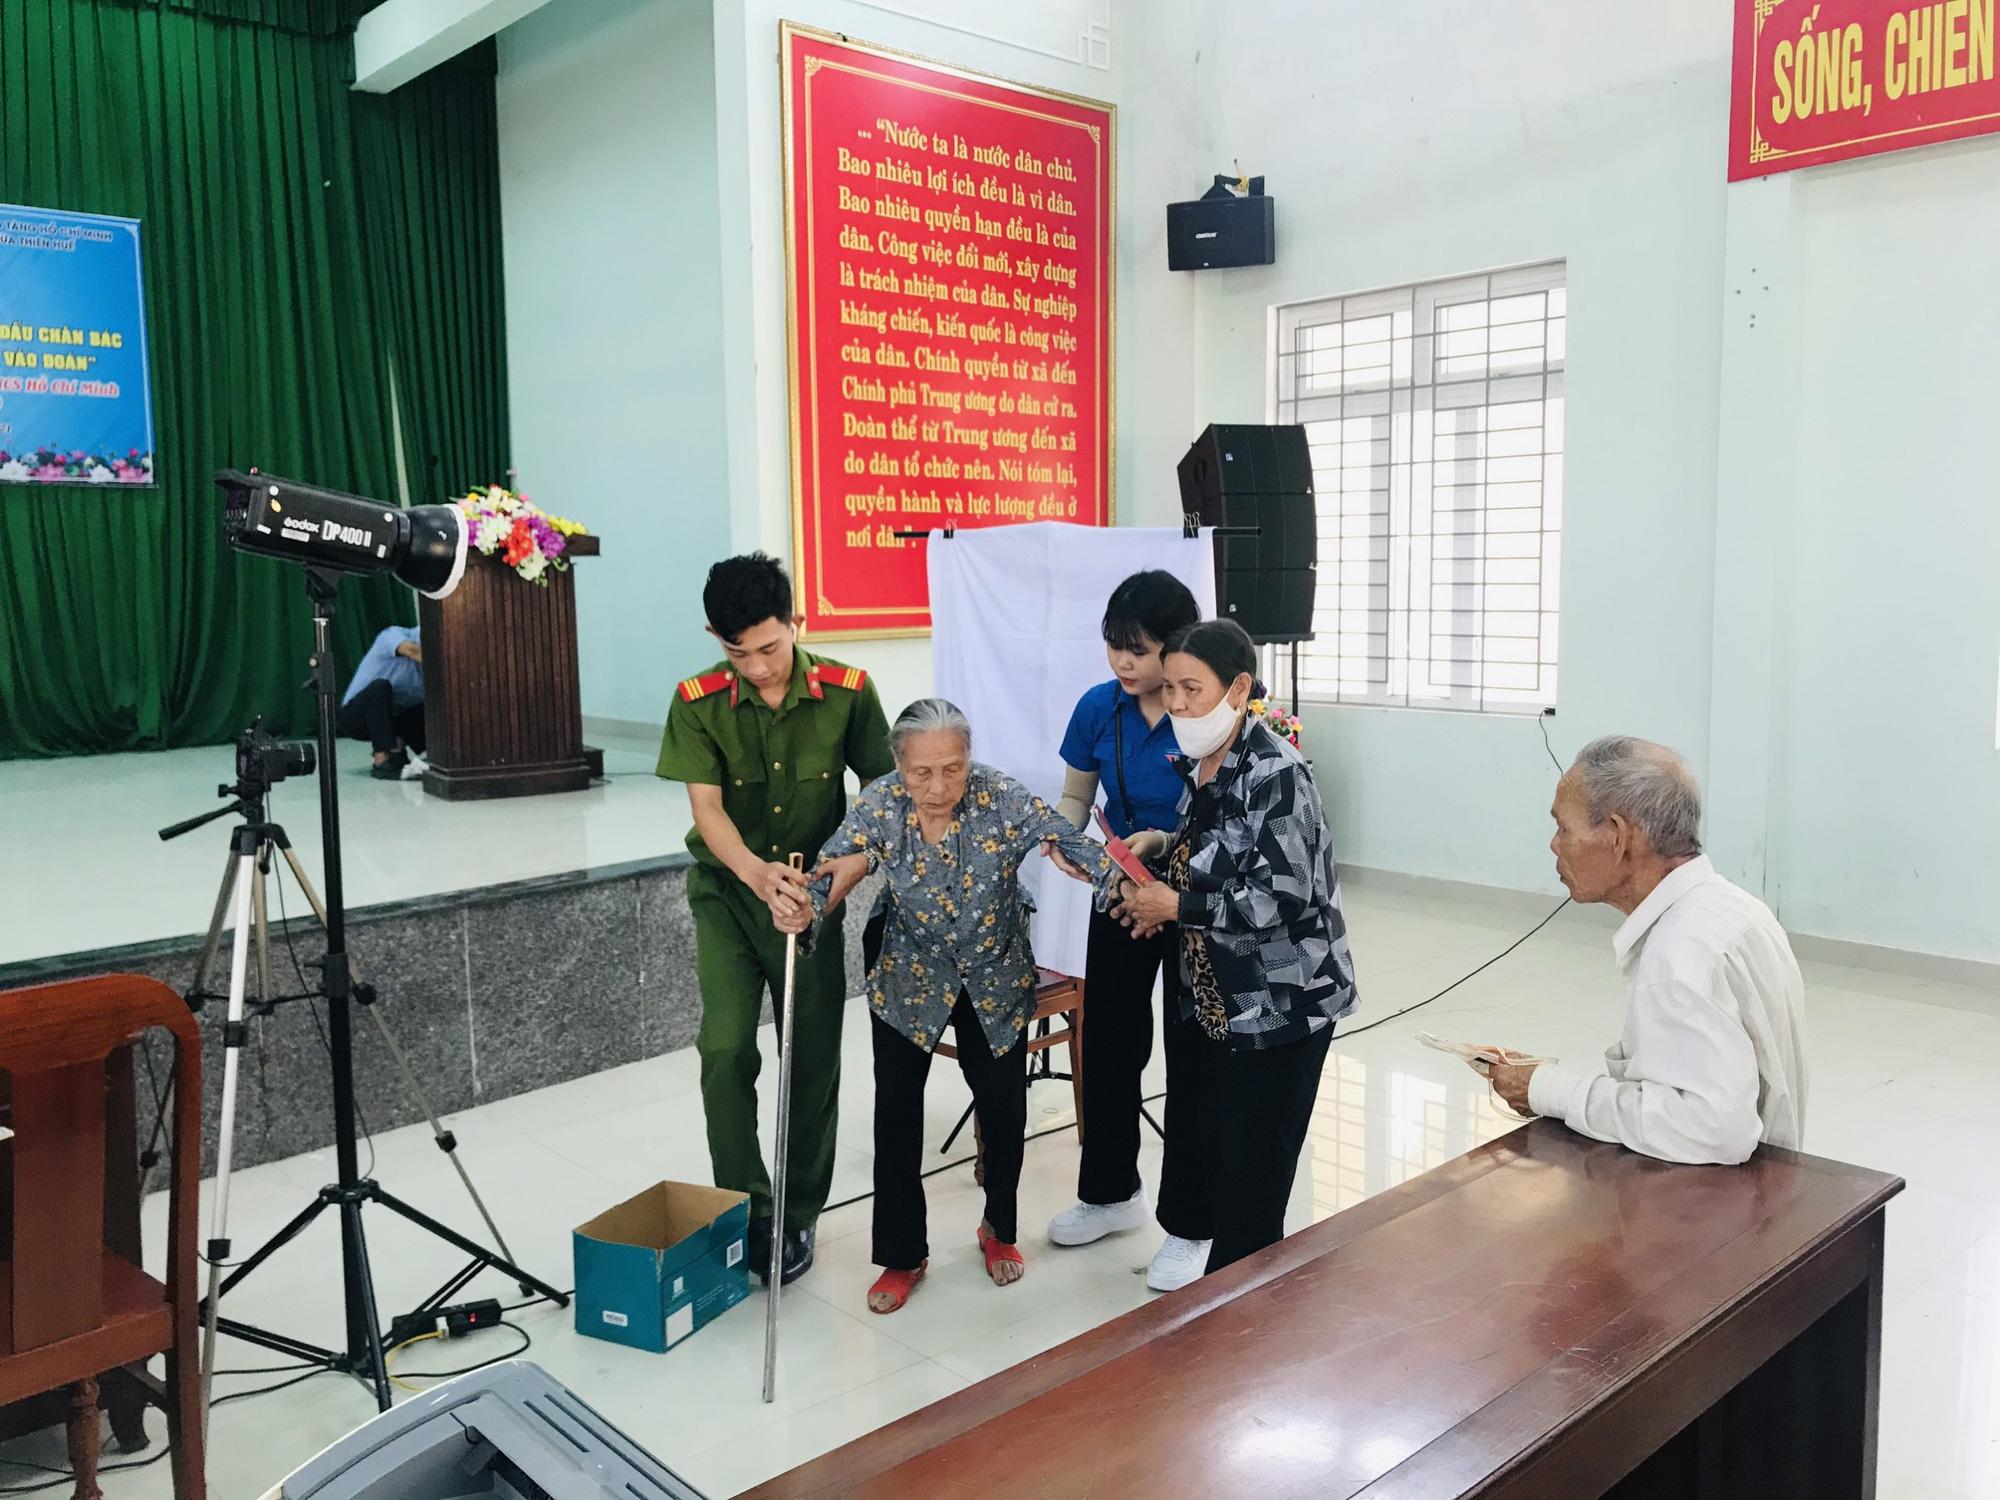 Xúc động hình ảnh các chiến sĩ công an giúp các cụ già đi làm căn cước công dân ở Huế - Ảnh 6.